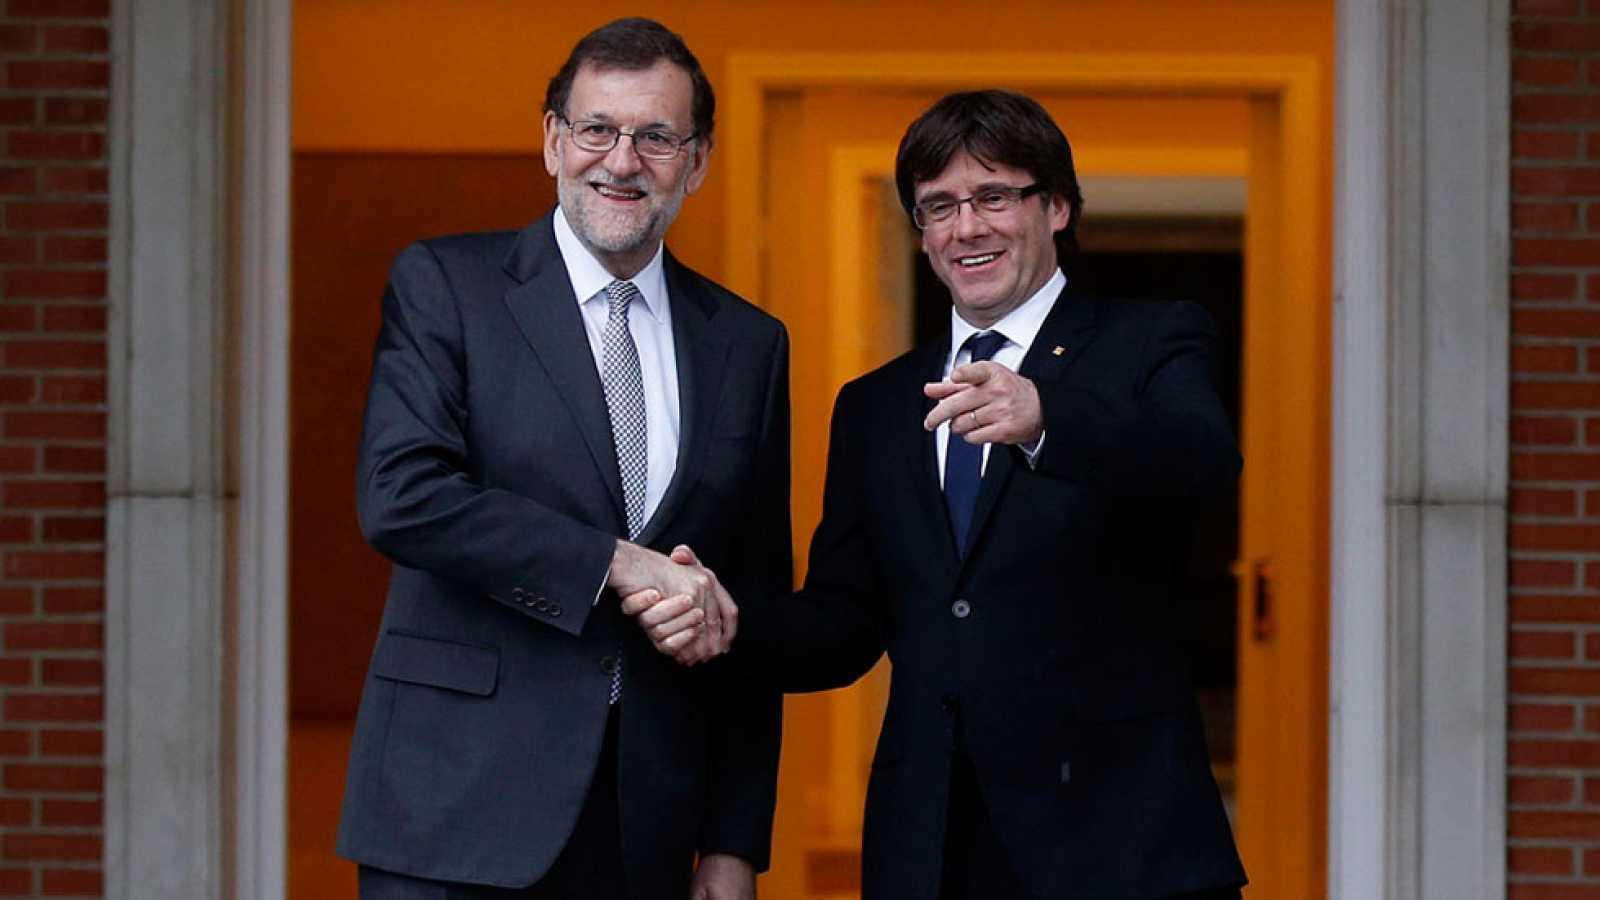 Puigdemont pide el referéndum y Rajoy le advierte de que sin ley no hay democracia